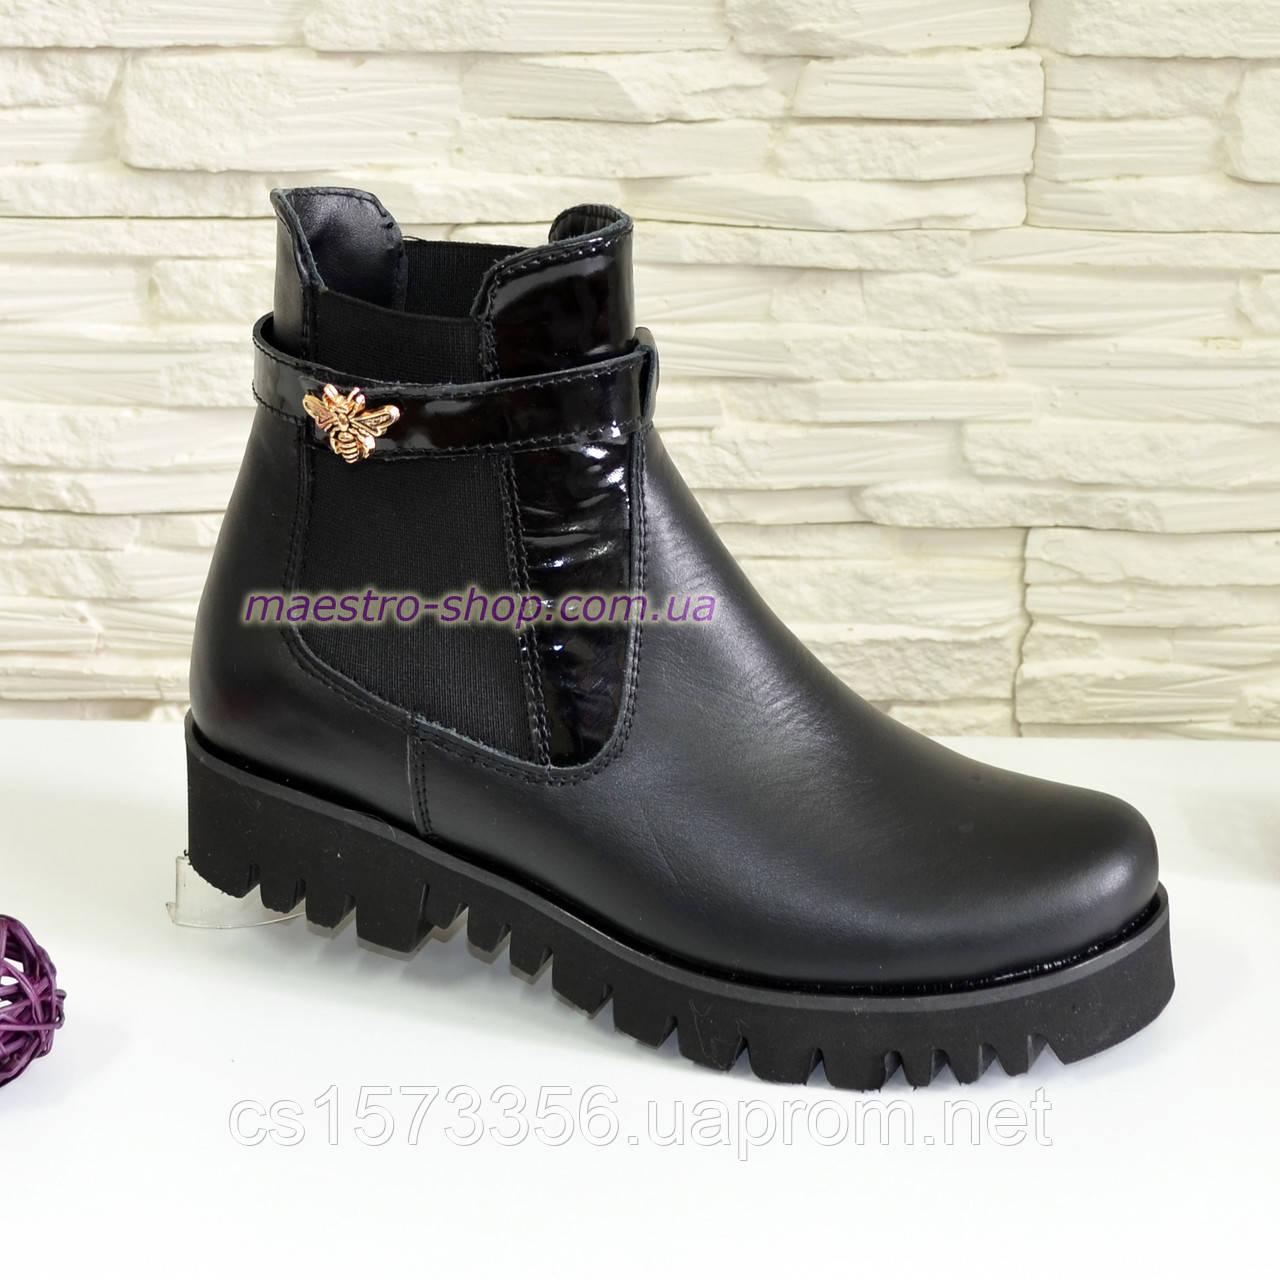 Ботинки кожаные женские зимние на тракторной подошве, цвет черный.